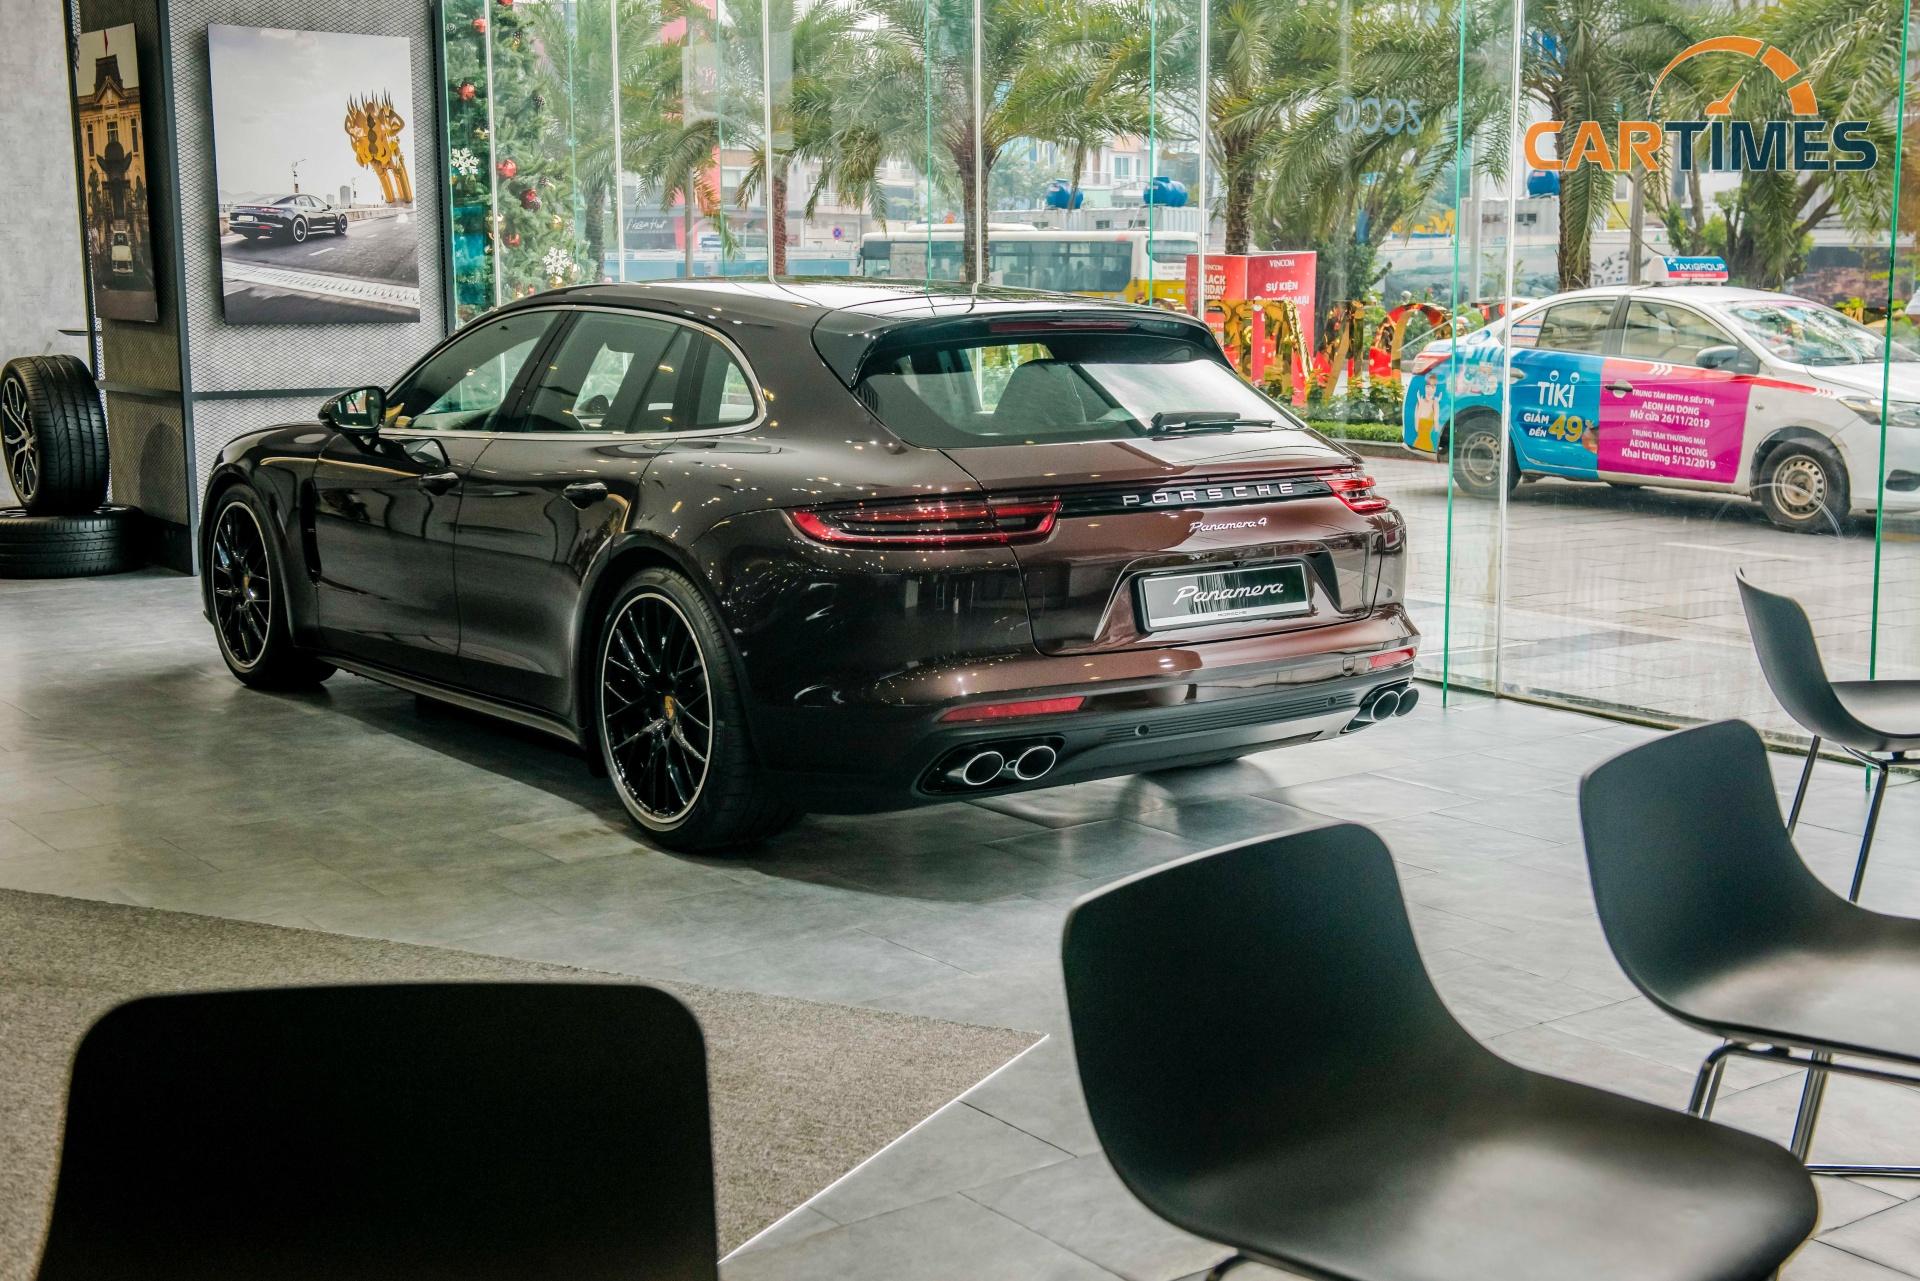 Khám phá Porsche Panamera 4 Sport Turismo giá 6,6 tỷ đồng đầu tiên tại thị trường Việt Nam - Hình 2